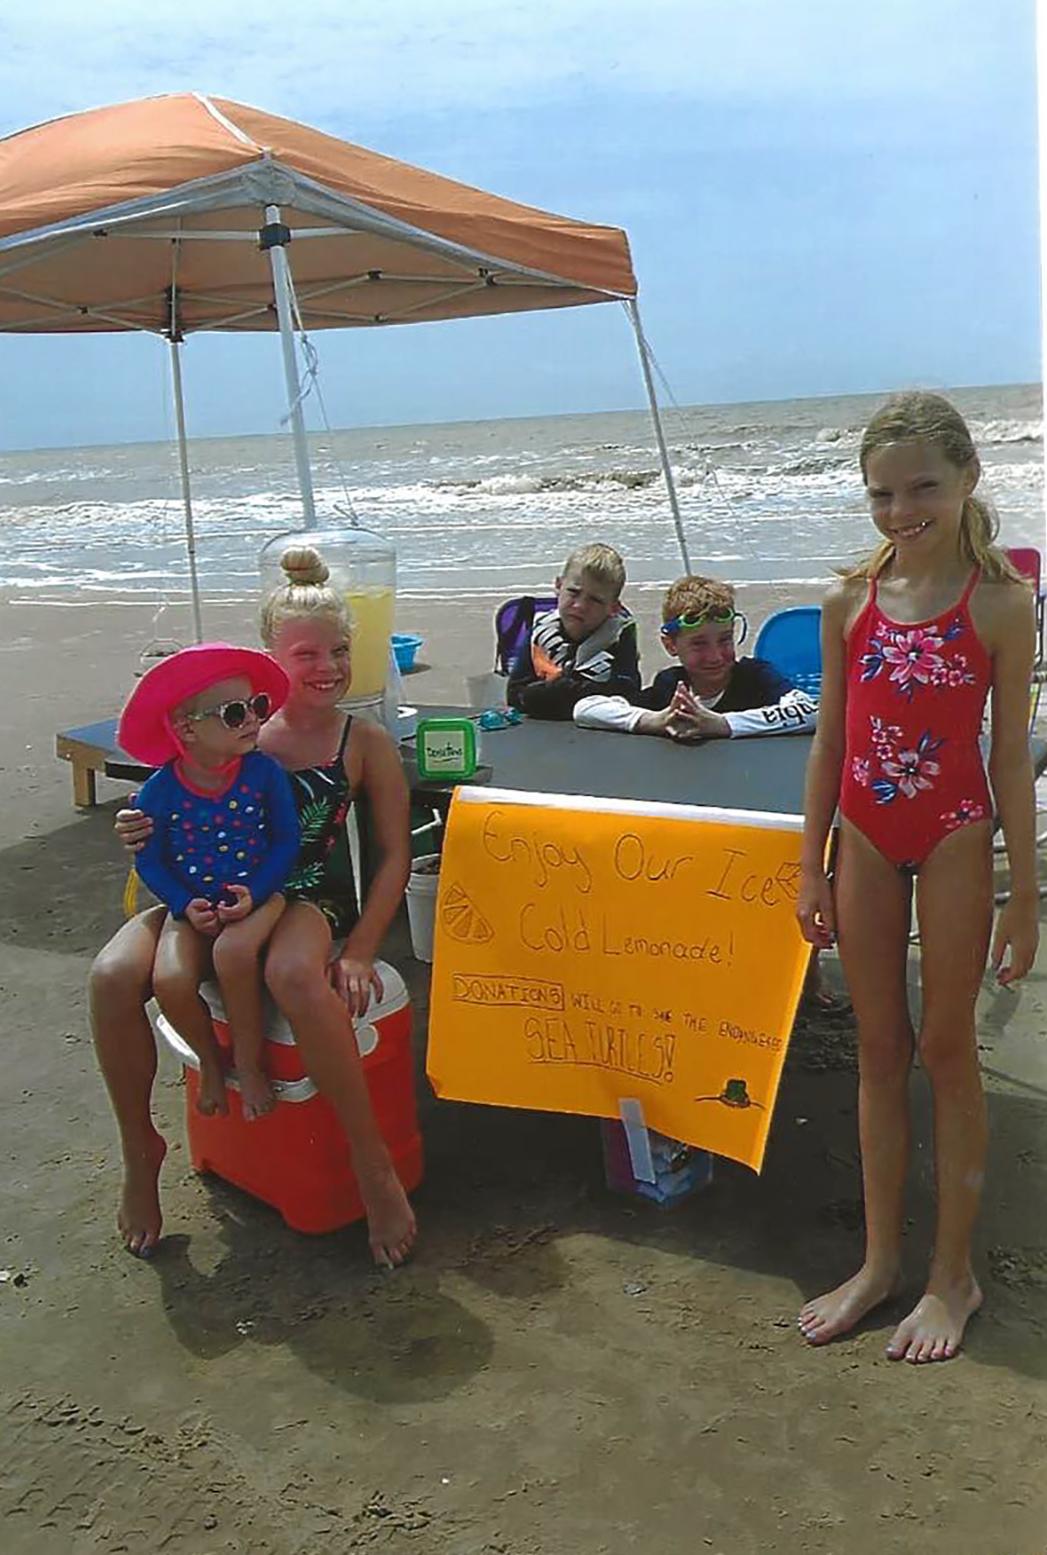 Lemonade Stand Raises Money for Endangered Sea Turtles